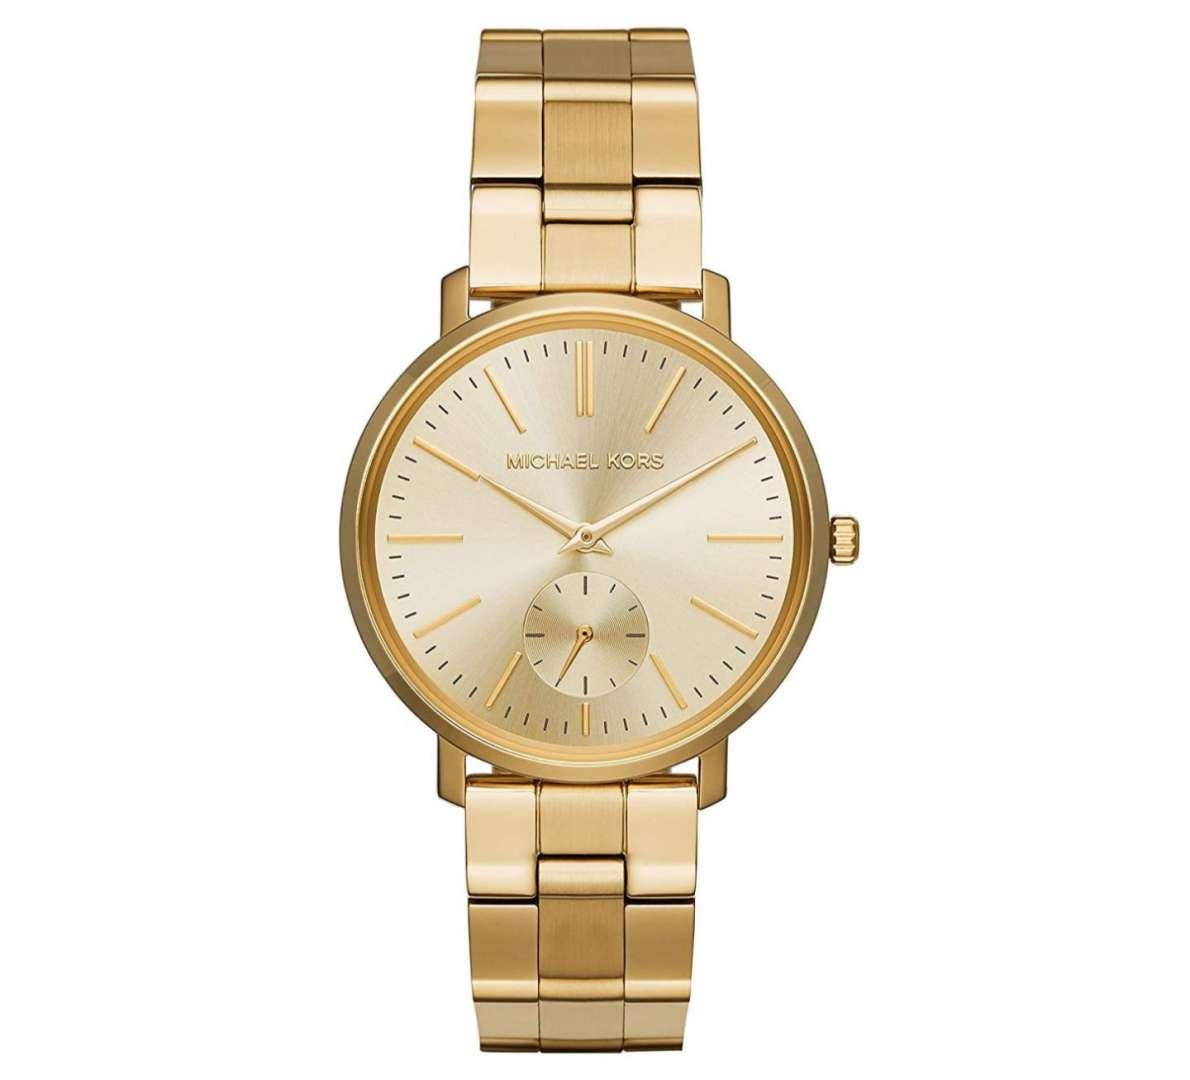 שעון יד אנלוגי לאישה michael kors mk3500 מייקל קורס